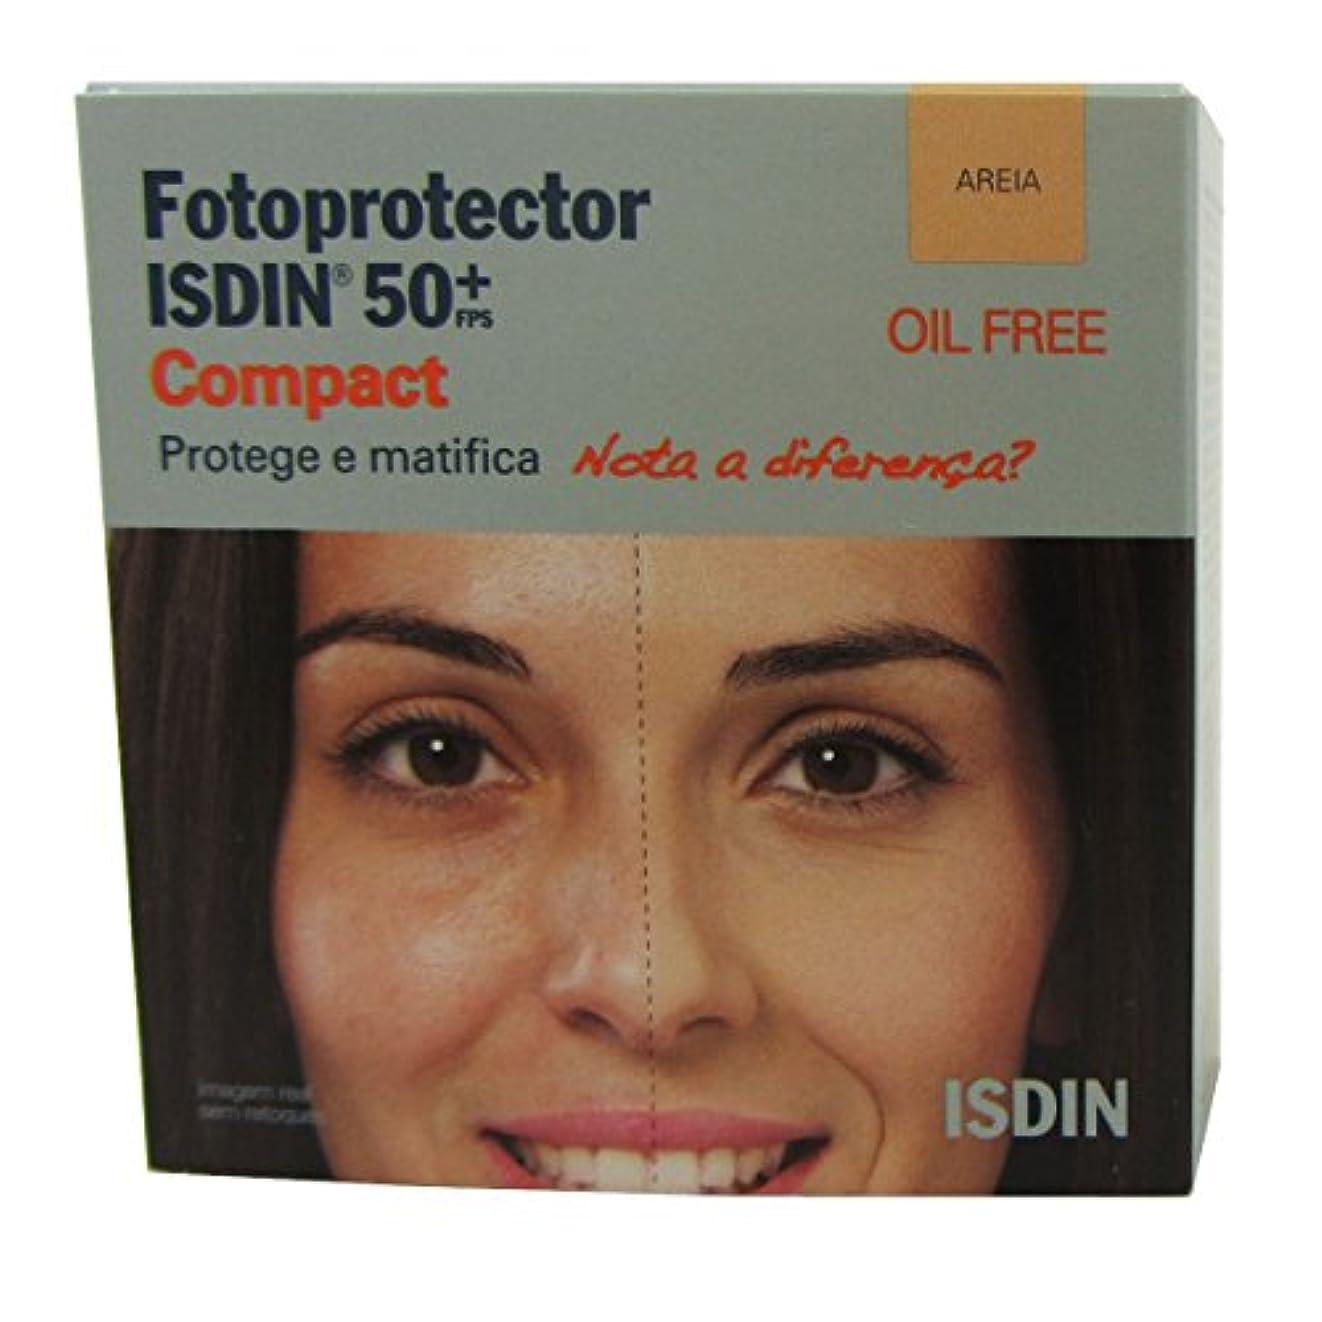 慎重に有名人面積Isdin Photoprotector Compact 50+ Sand 10g [並行輸入品]